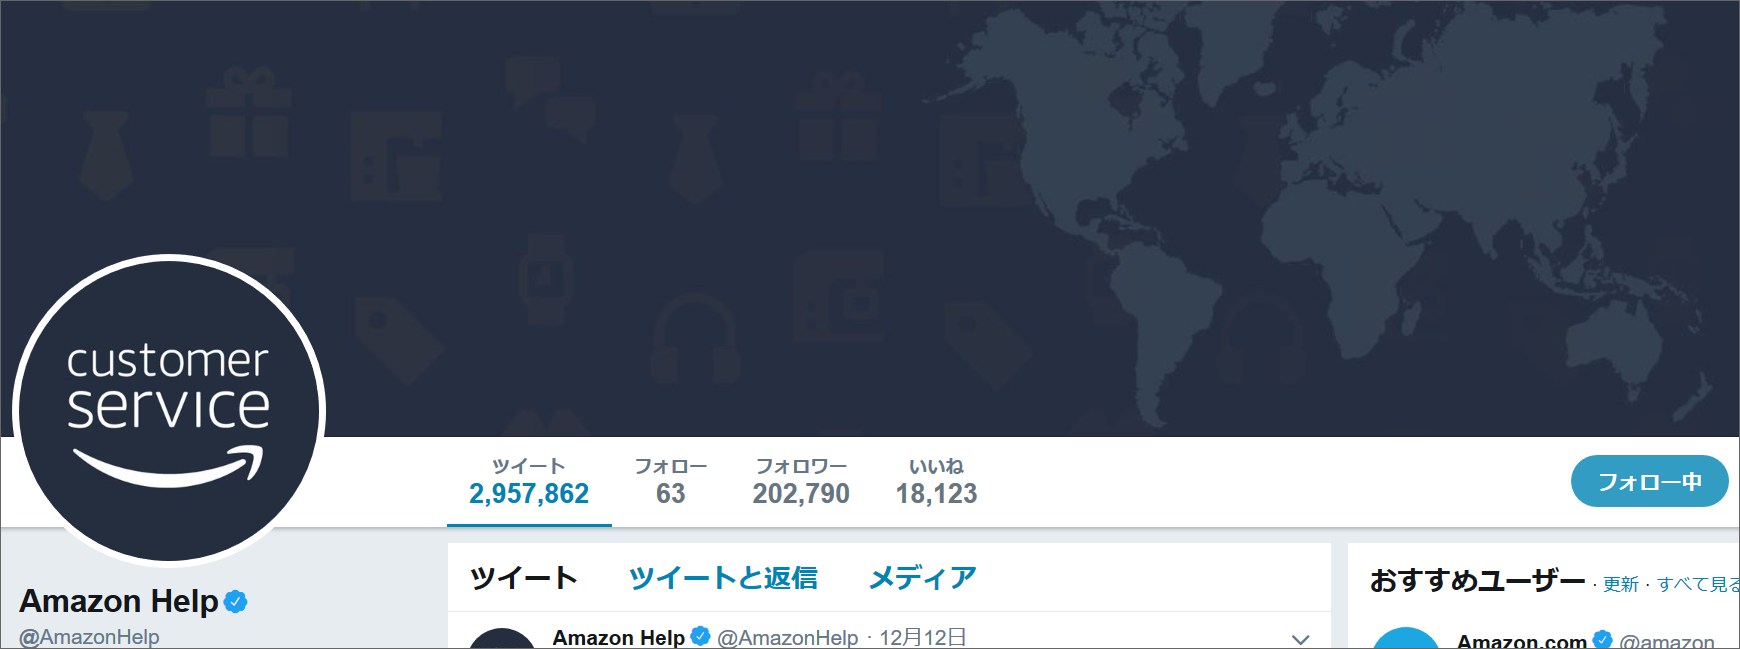 画像:AmazonHelpのTwitter公式アカウント